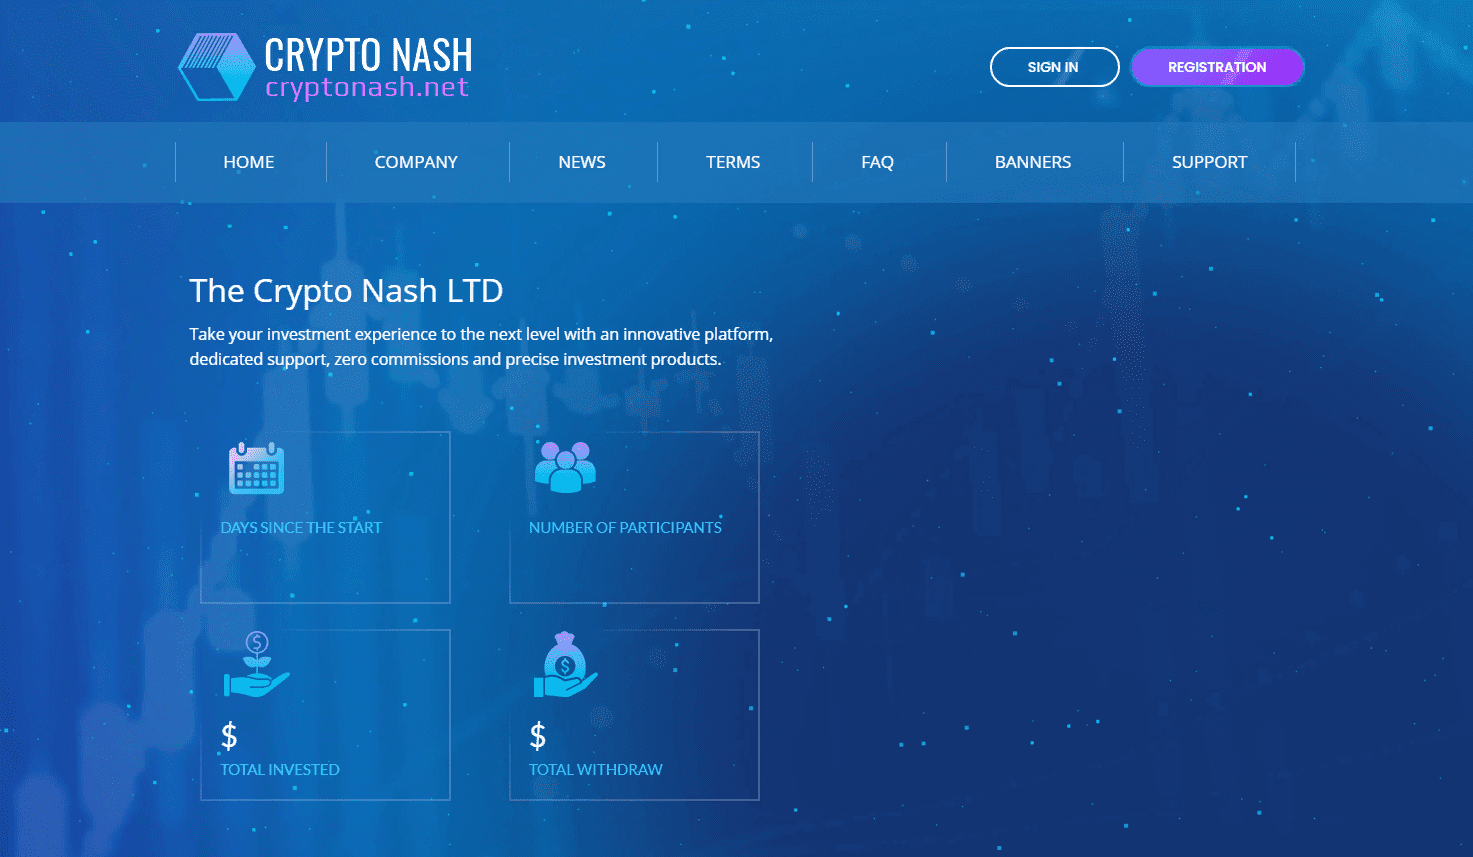 Crypto Nash